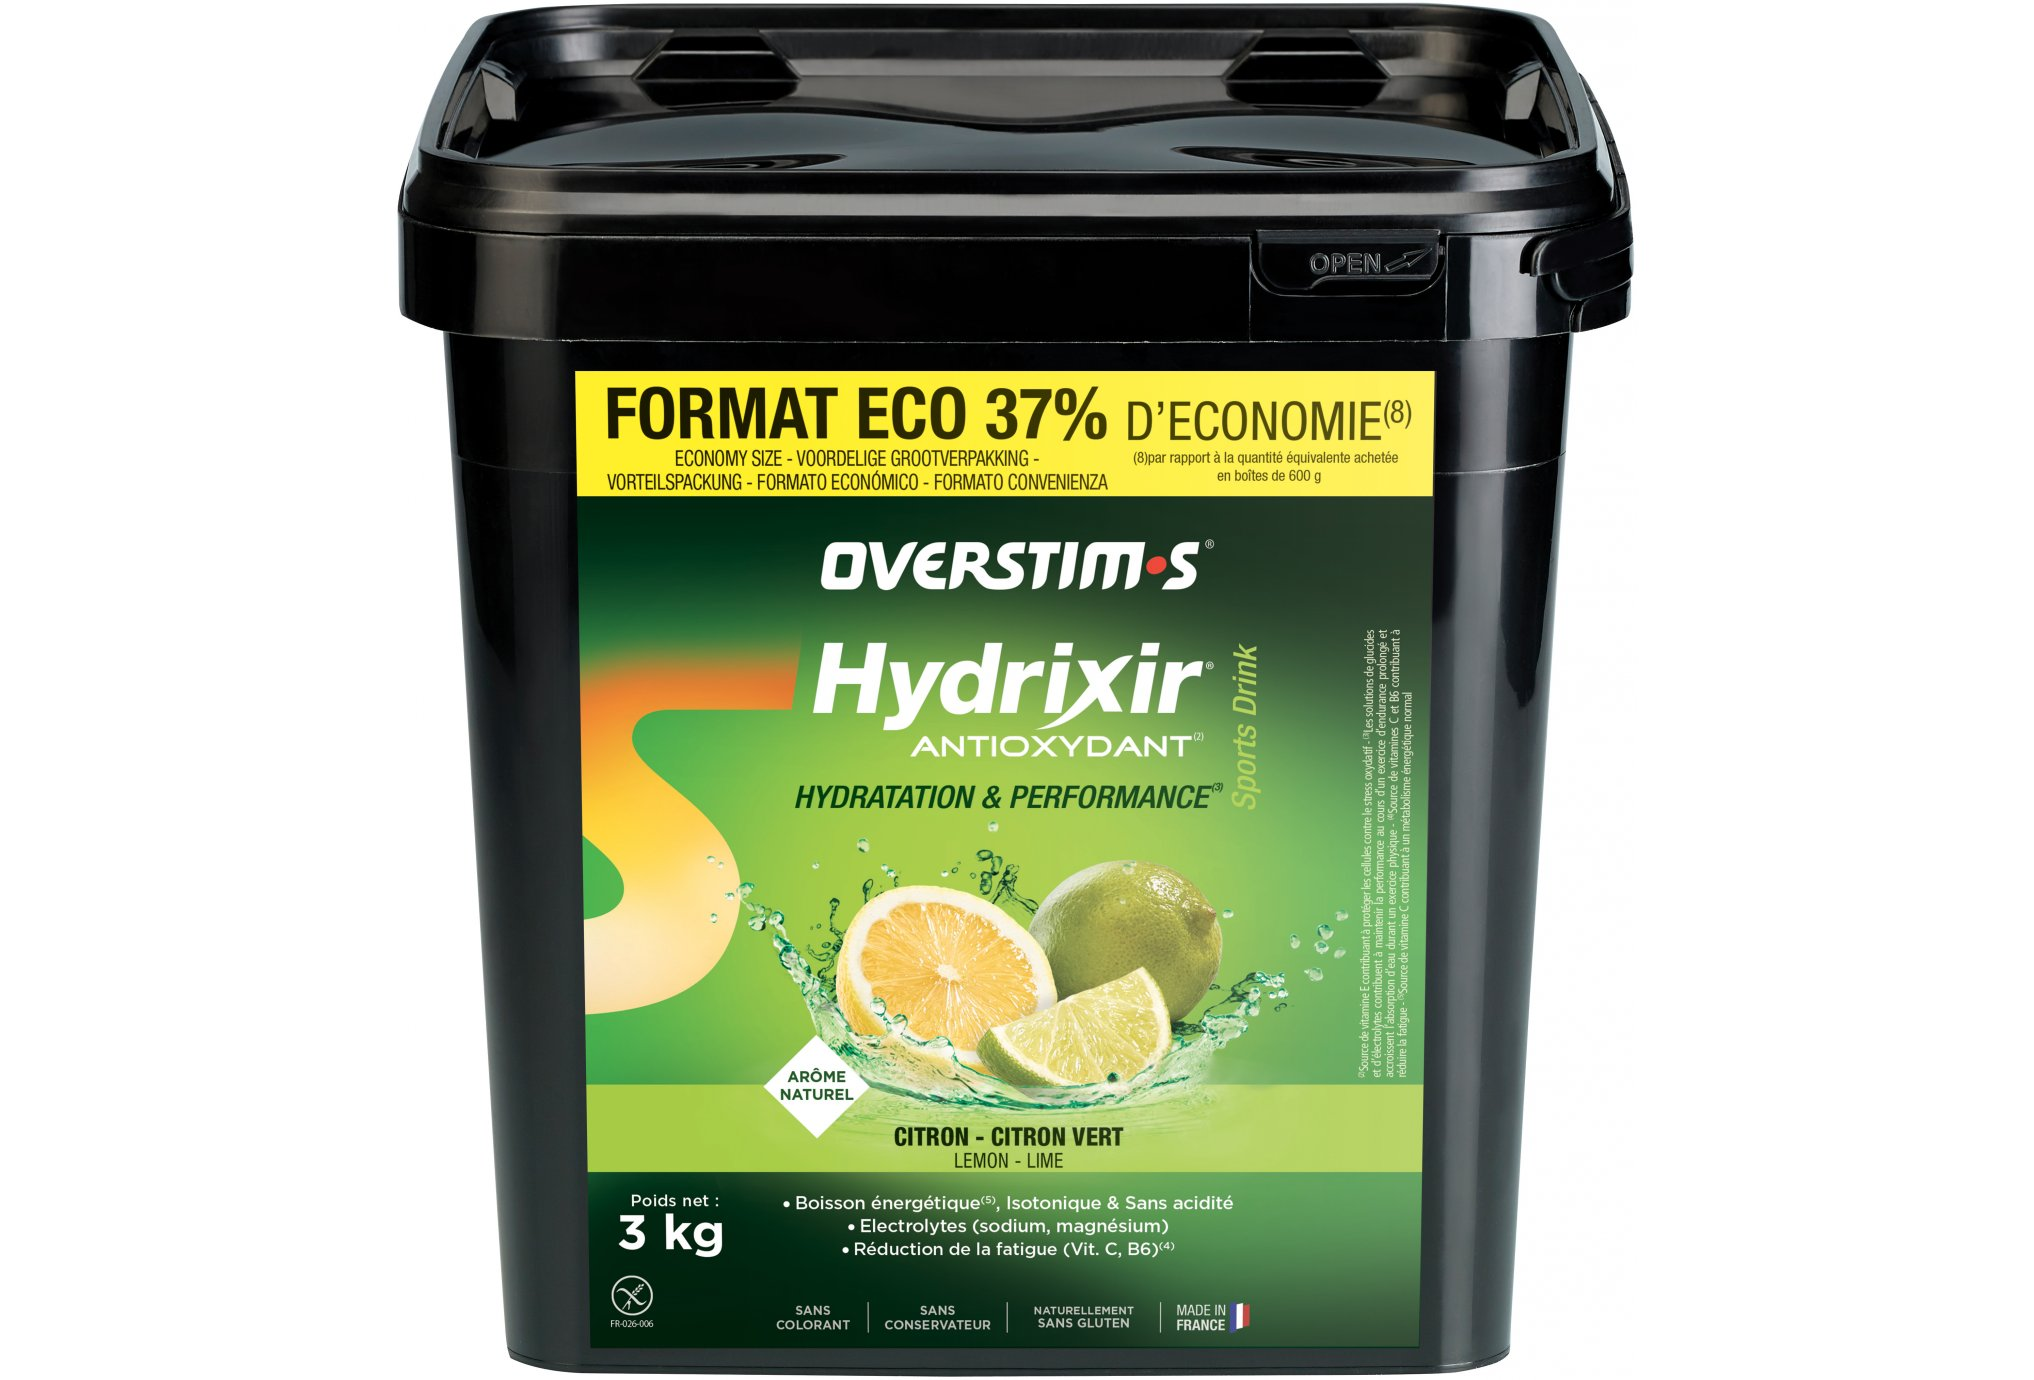 OVERSTIMS Hydrixir 3 kg - Citron/Citron vert Diététique Boissons